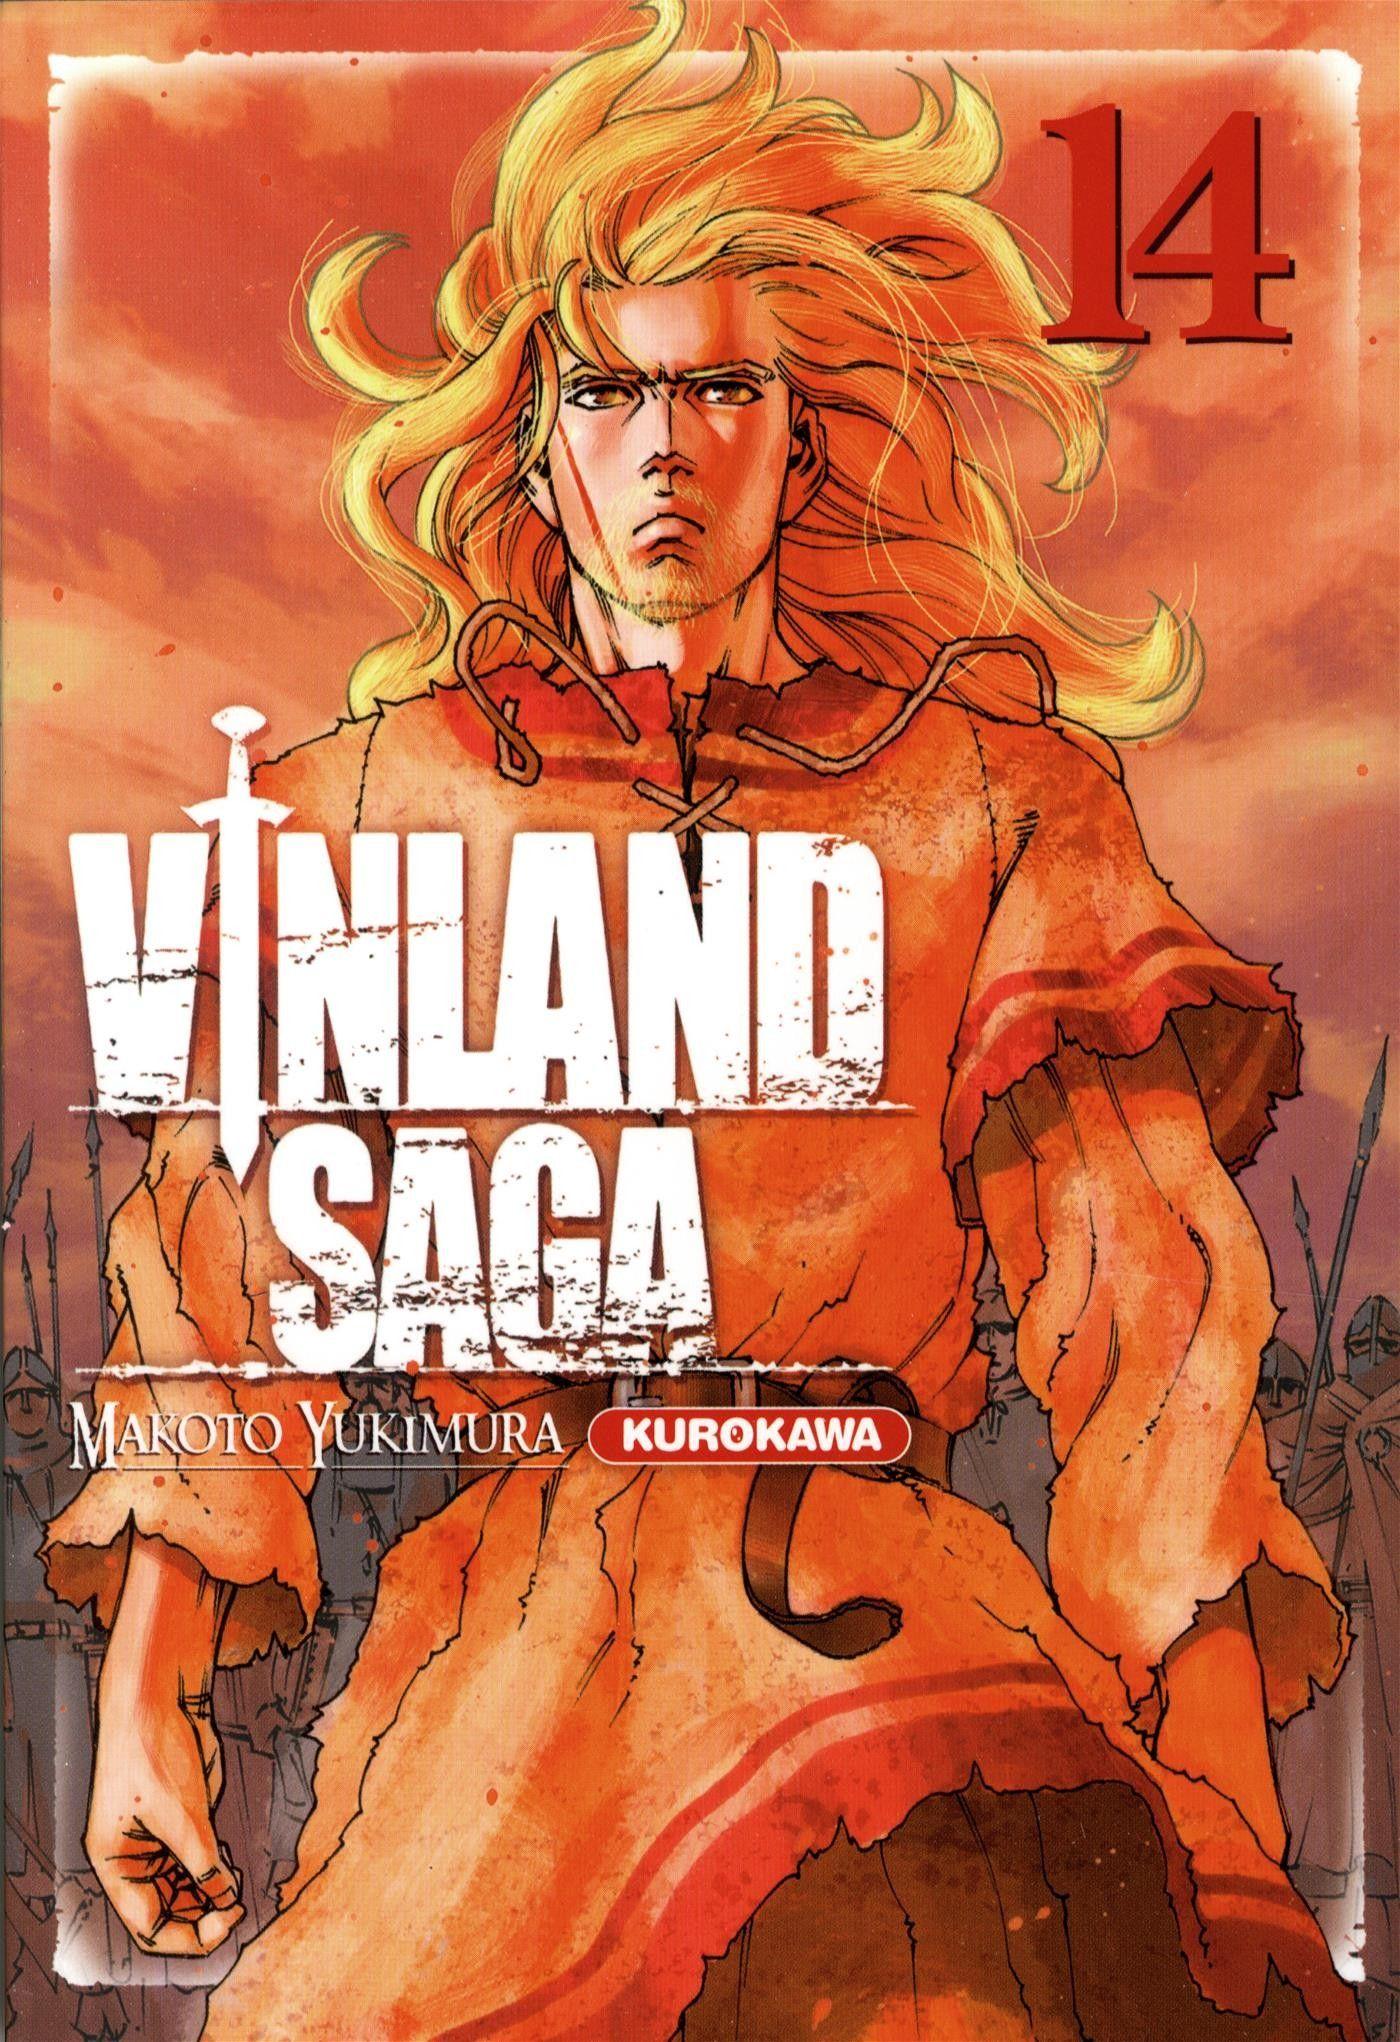 Vinland Saga 14 Makoto Yukimura Vinland saga